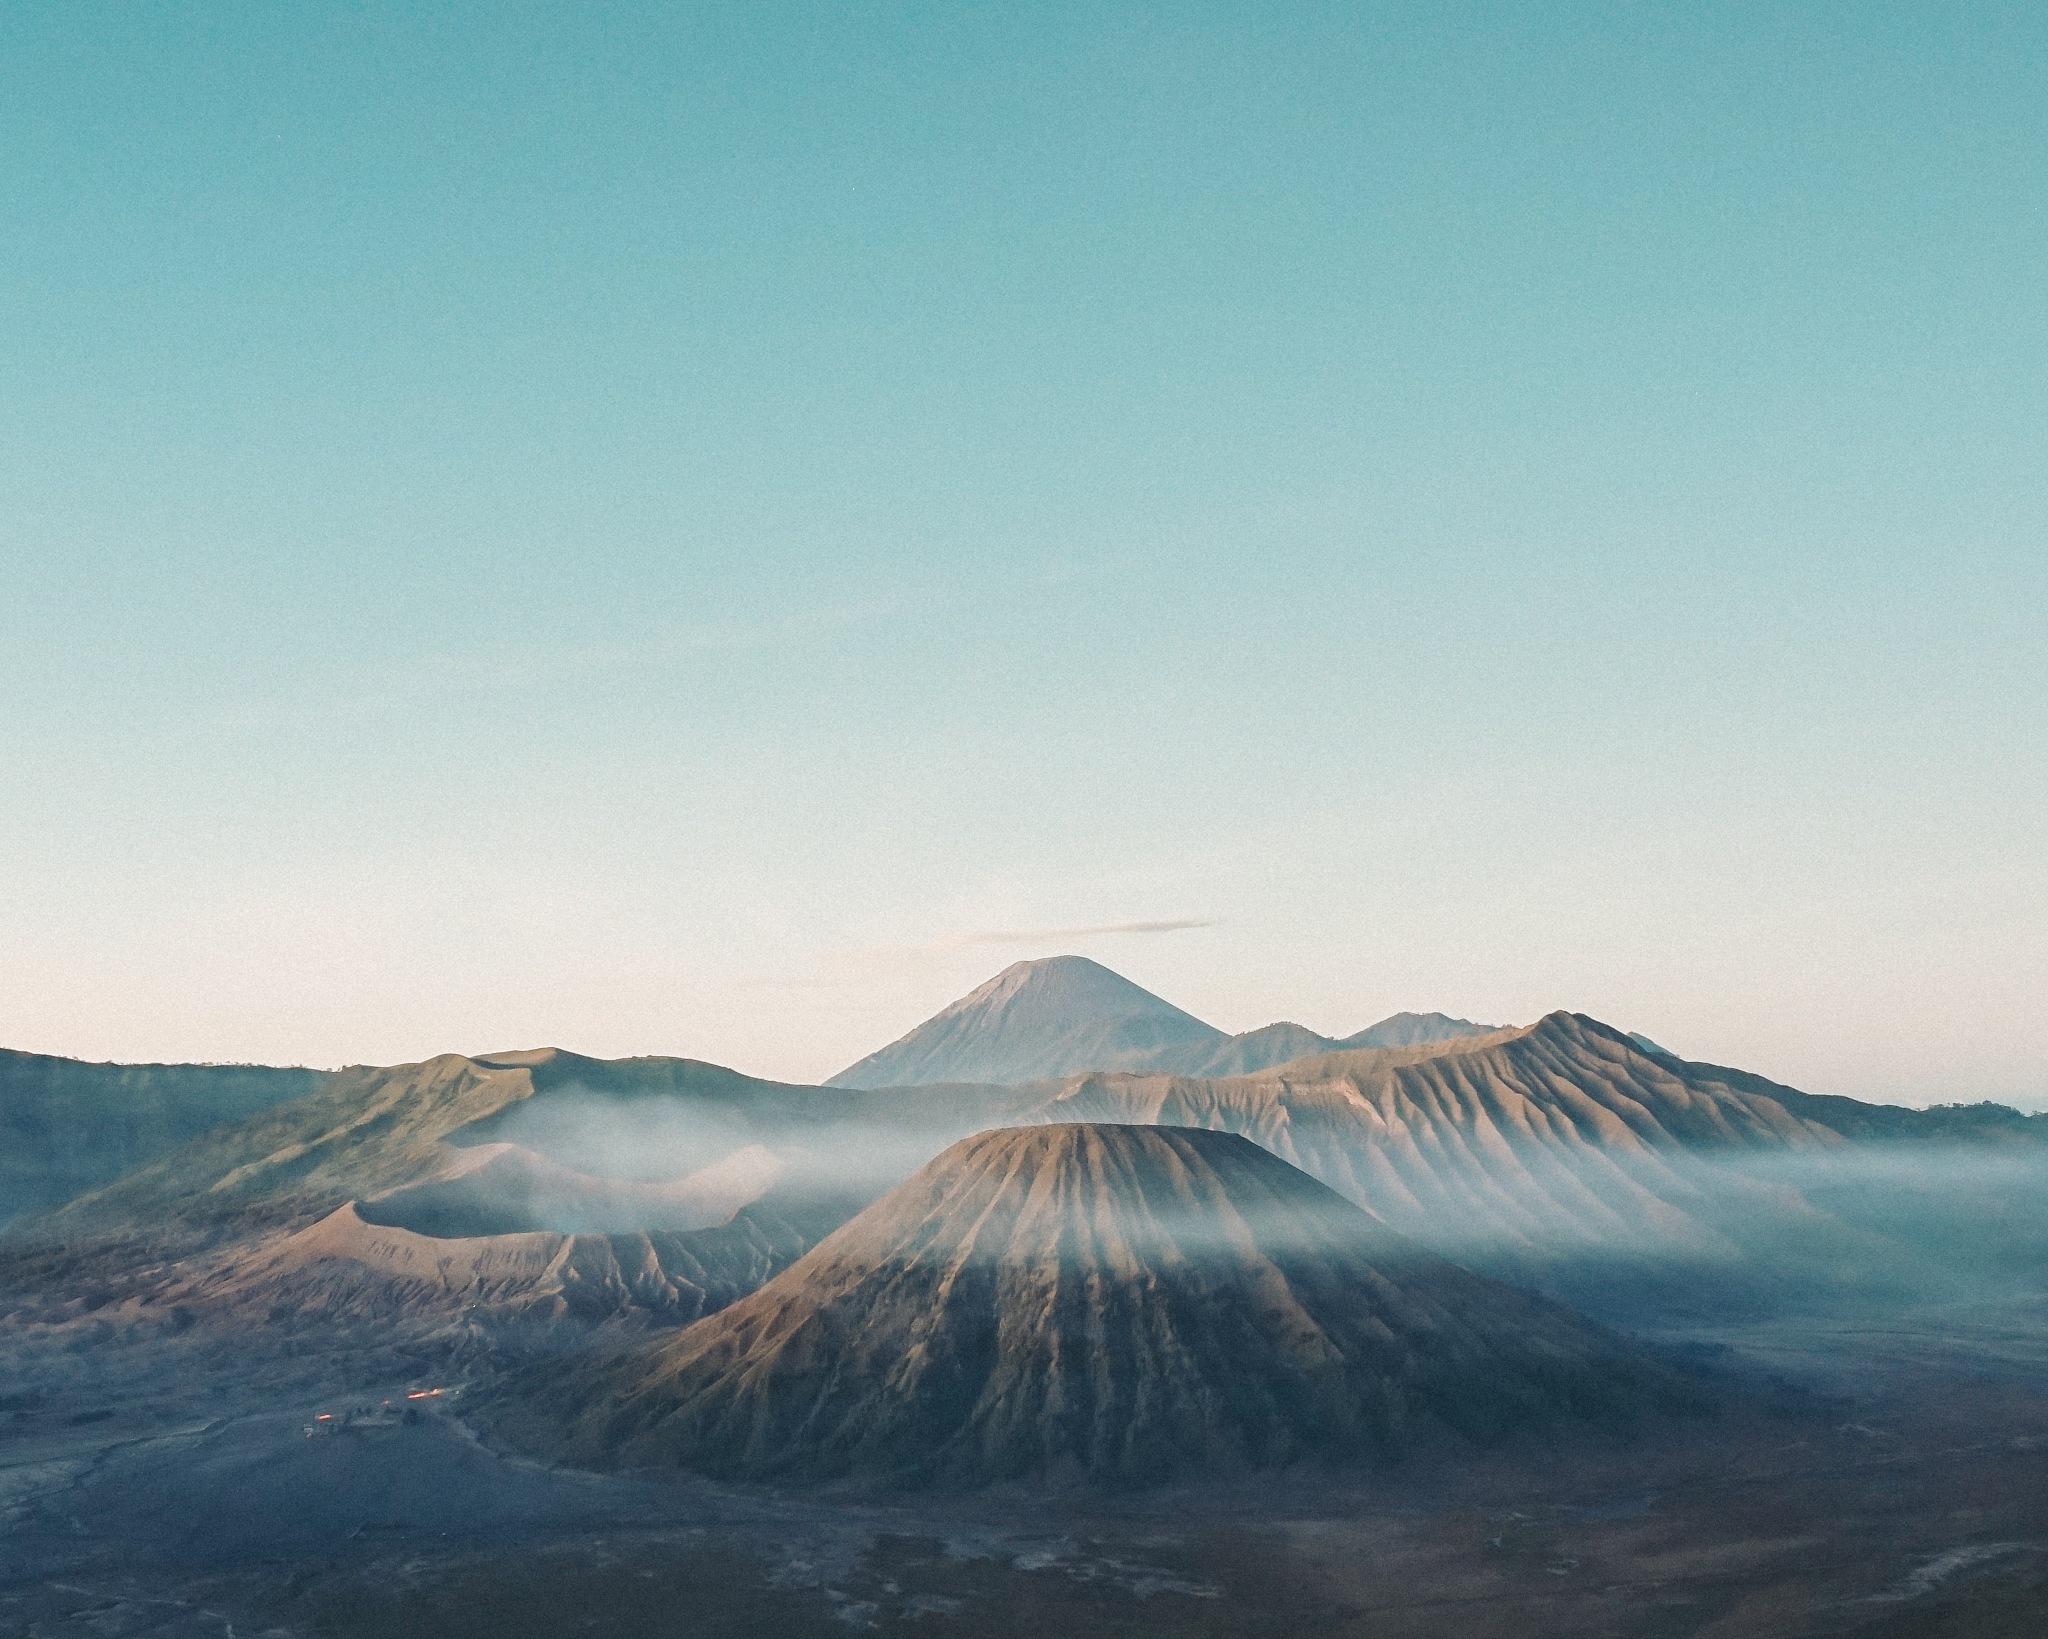 Mount Bromo by gevaldisyaival